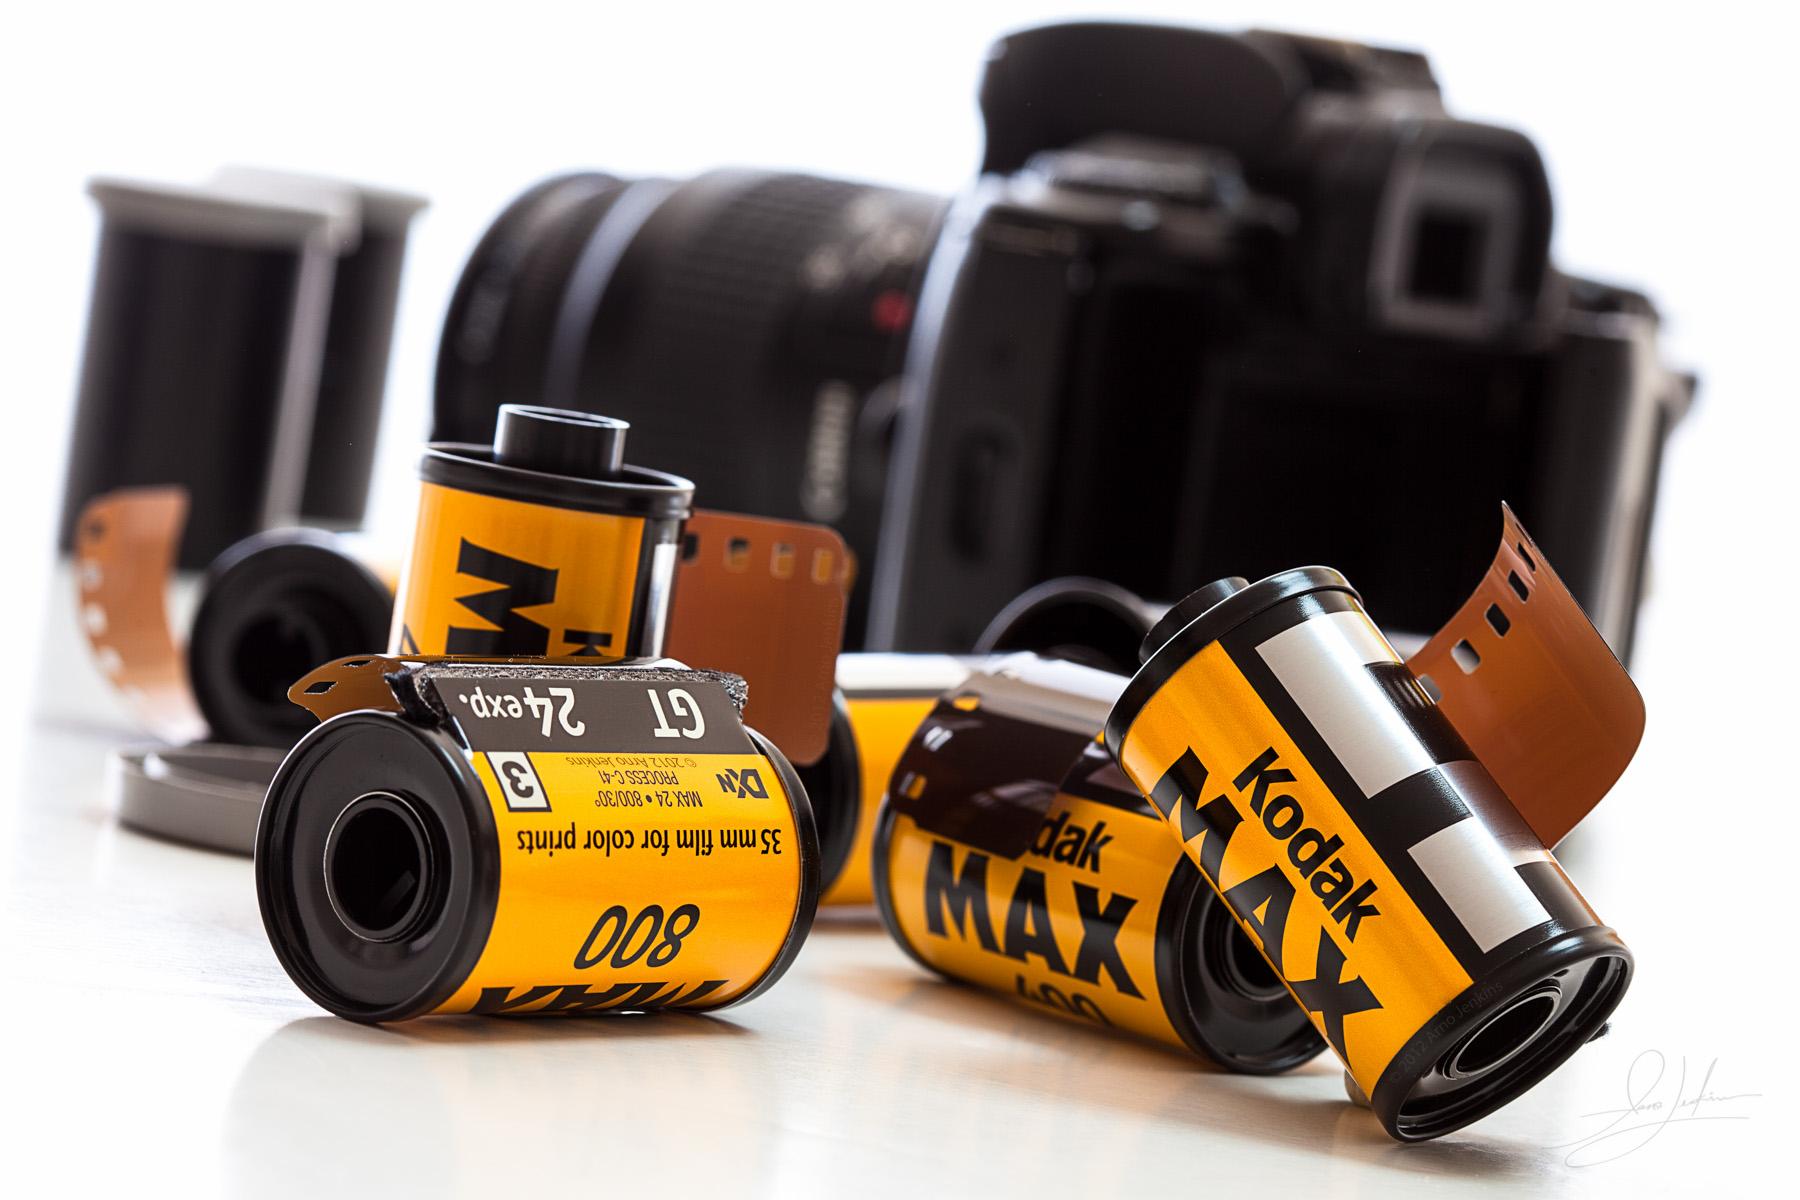 Kodak'tan Fotoğrafçılara Özel Kripto Para Birimi